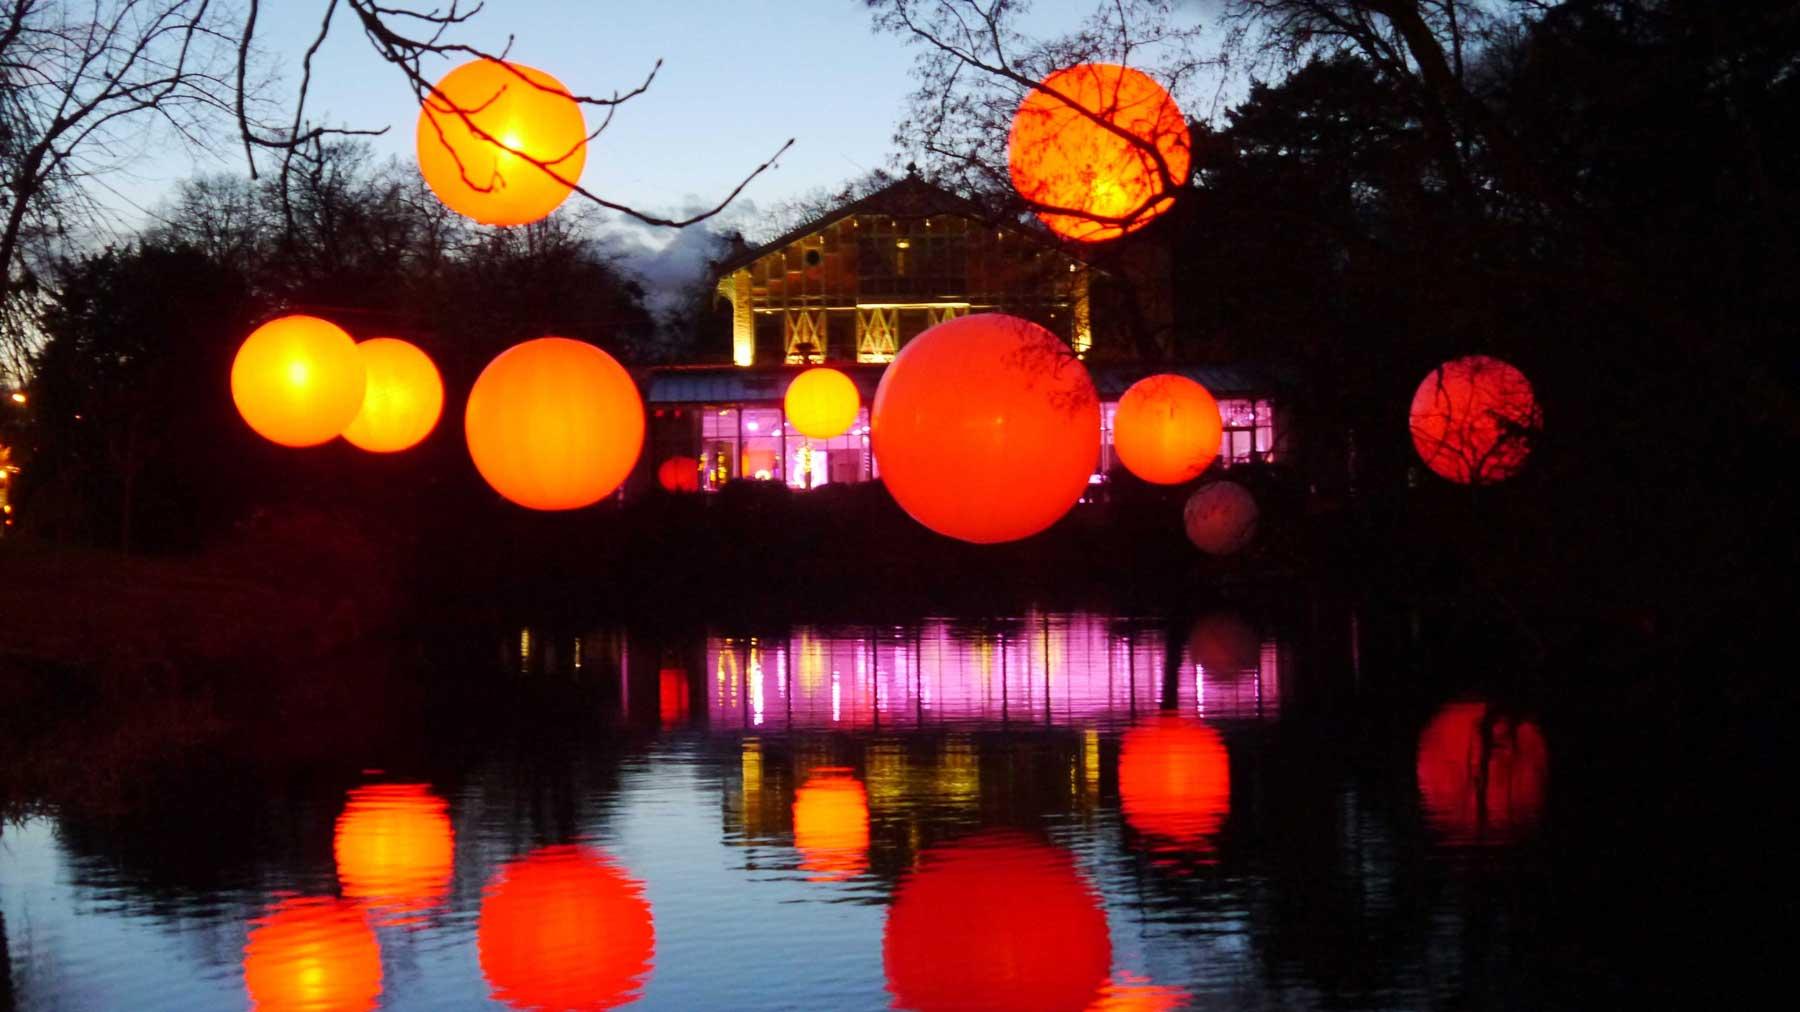 ballons-helium-suspendu-led-couleur-dmx-pavillon-d-armenonville.jpg